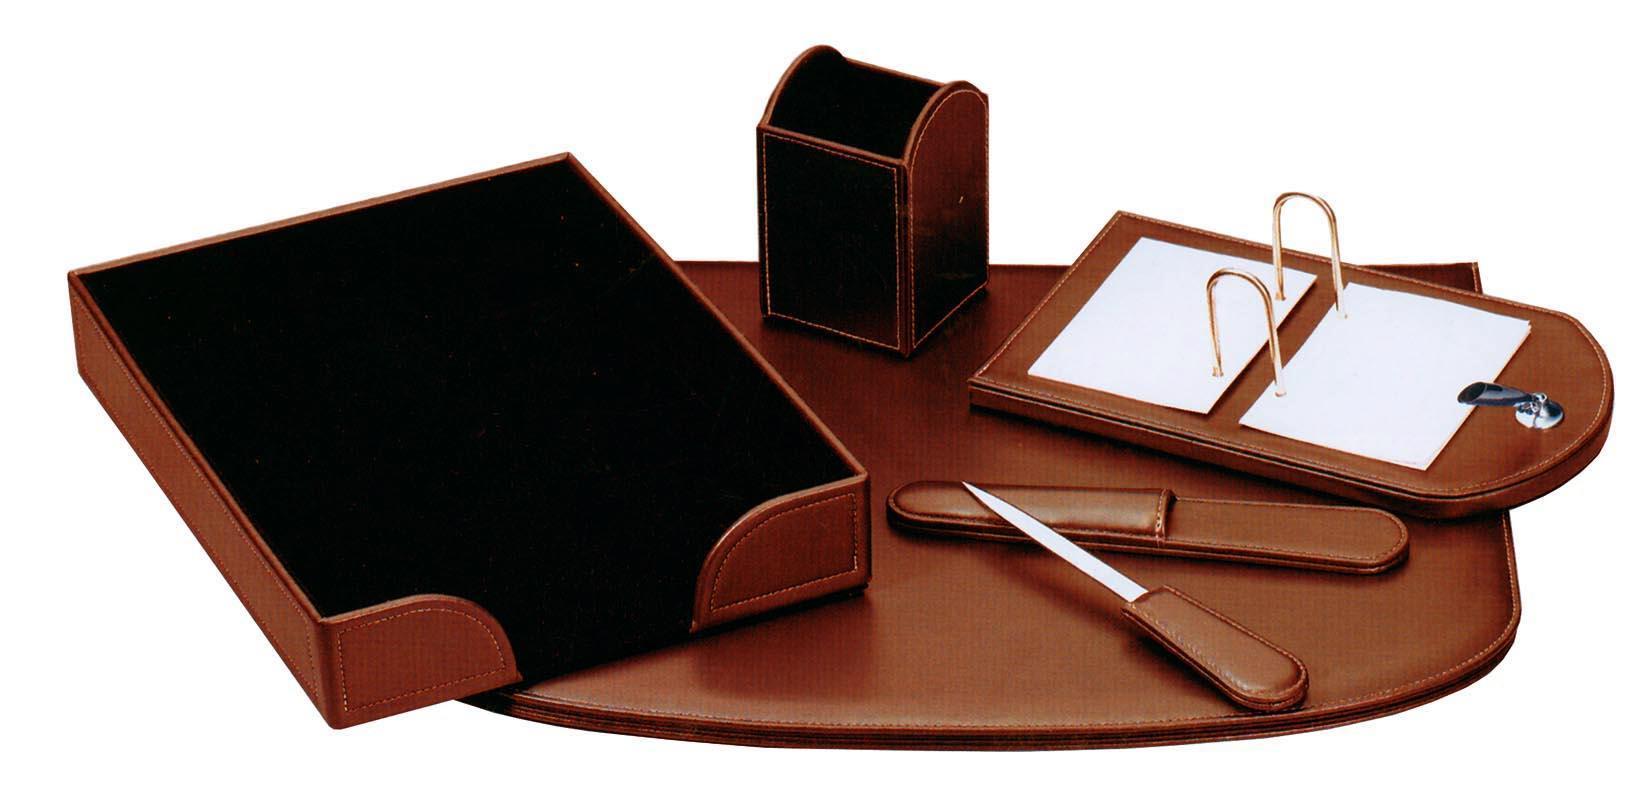 Fineline Fineline σετ γραφείου από συνθετ. δέρμα καφέ 5 τεμάχια 19108-07ΑΜ-2